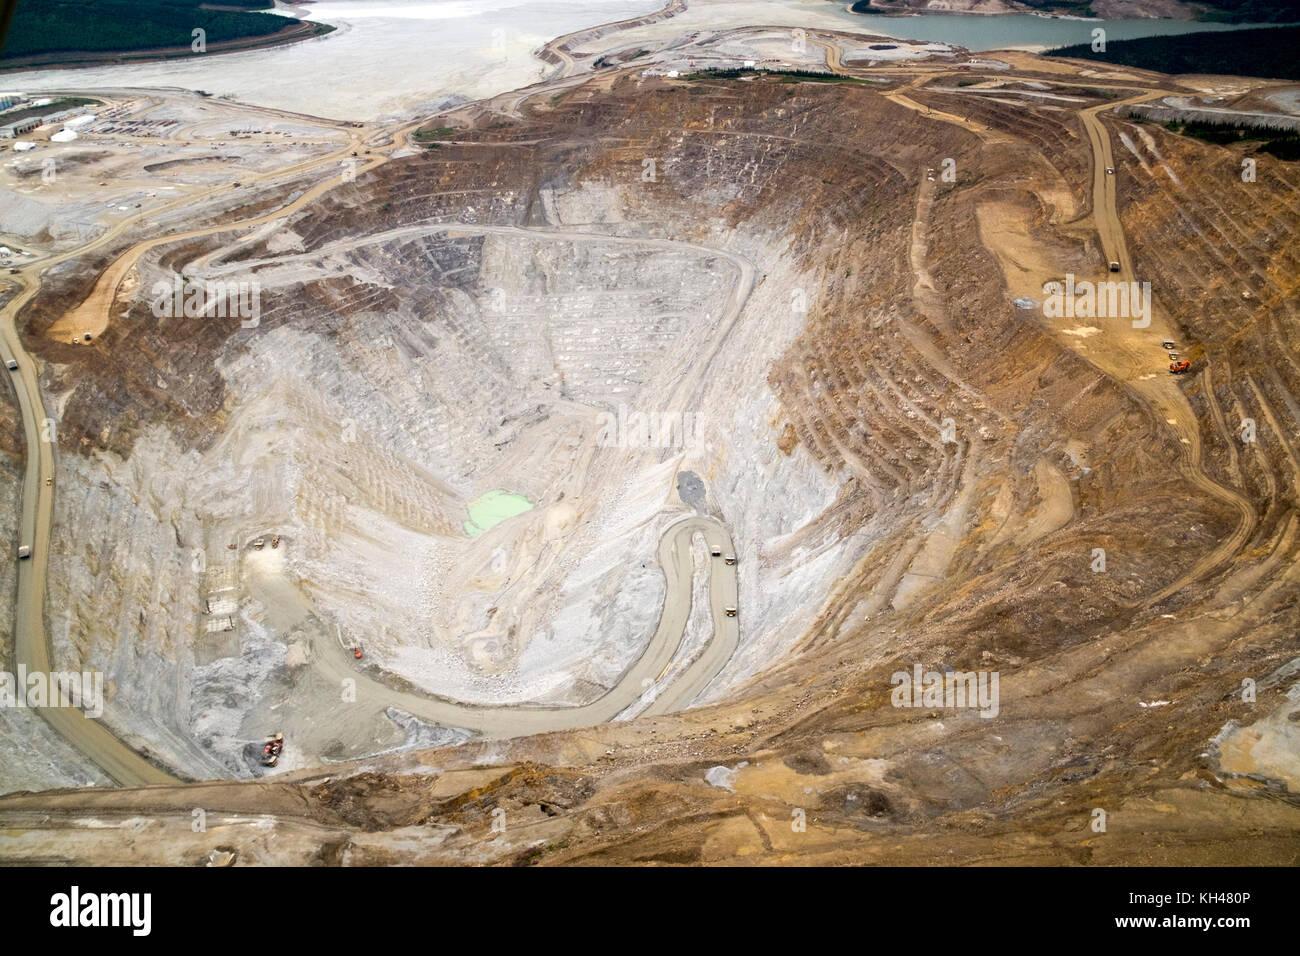 Una vista aérea de la gran mina de oro de Fort Knox, justo al norte de Fairbanks, Alaska. esta extracción de oro a cielo abierto es la operación más grande de su tipo en al. Foto de stock